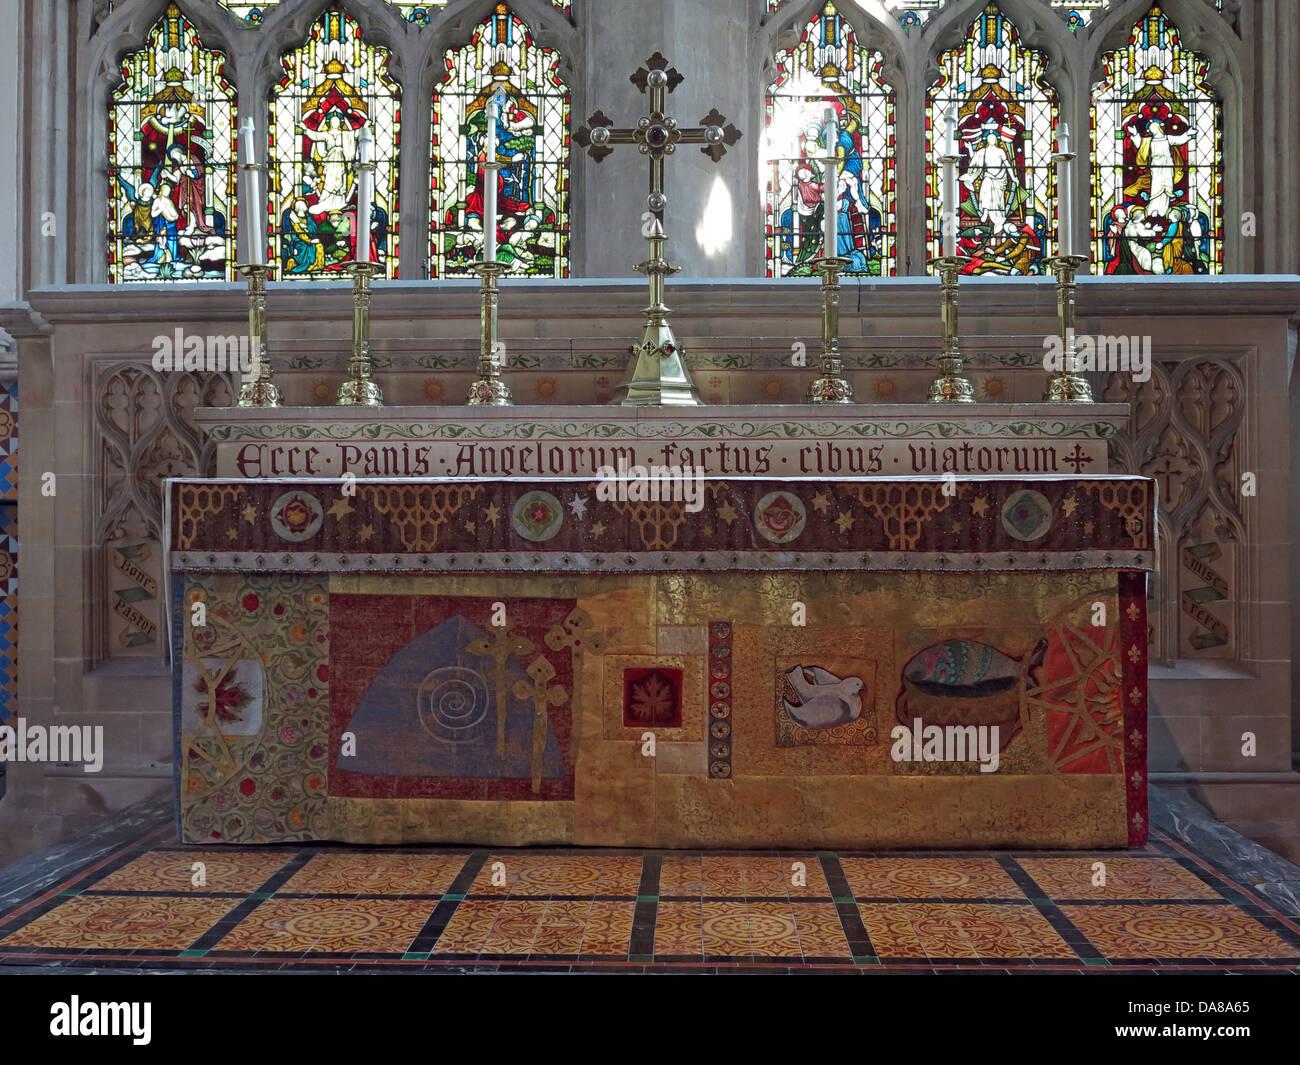 Laden Sie dieses Alamy Stockfoto Altar Kunst detail von Lady Kapelle des hl. Petrus und der hl. Paulus, der Pfarrkirche, Dorchester auf Themse, England, Großbritannien - DA8A65